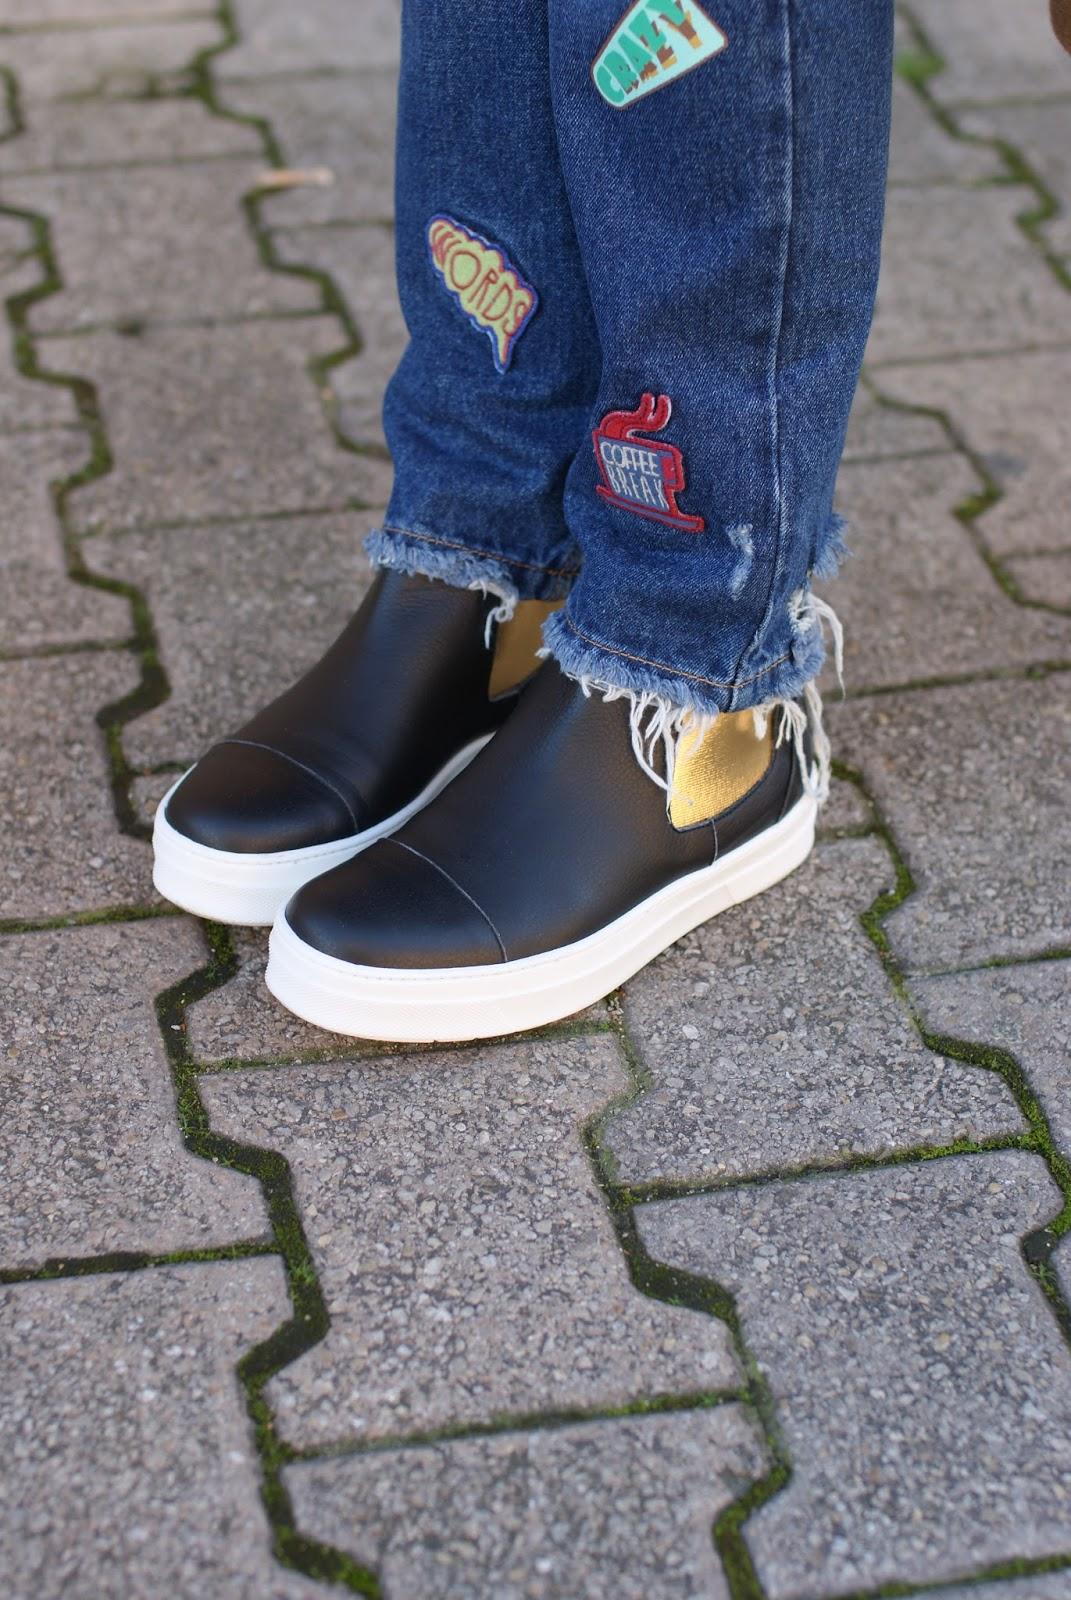 B&h footwear